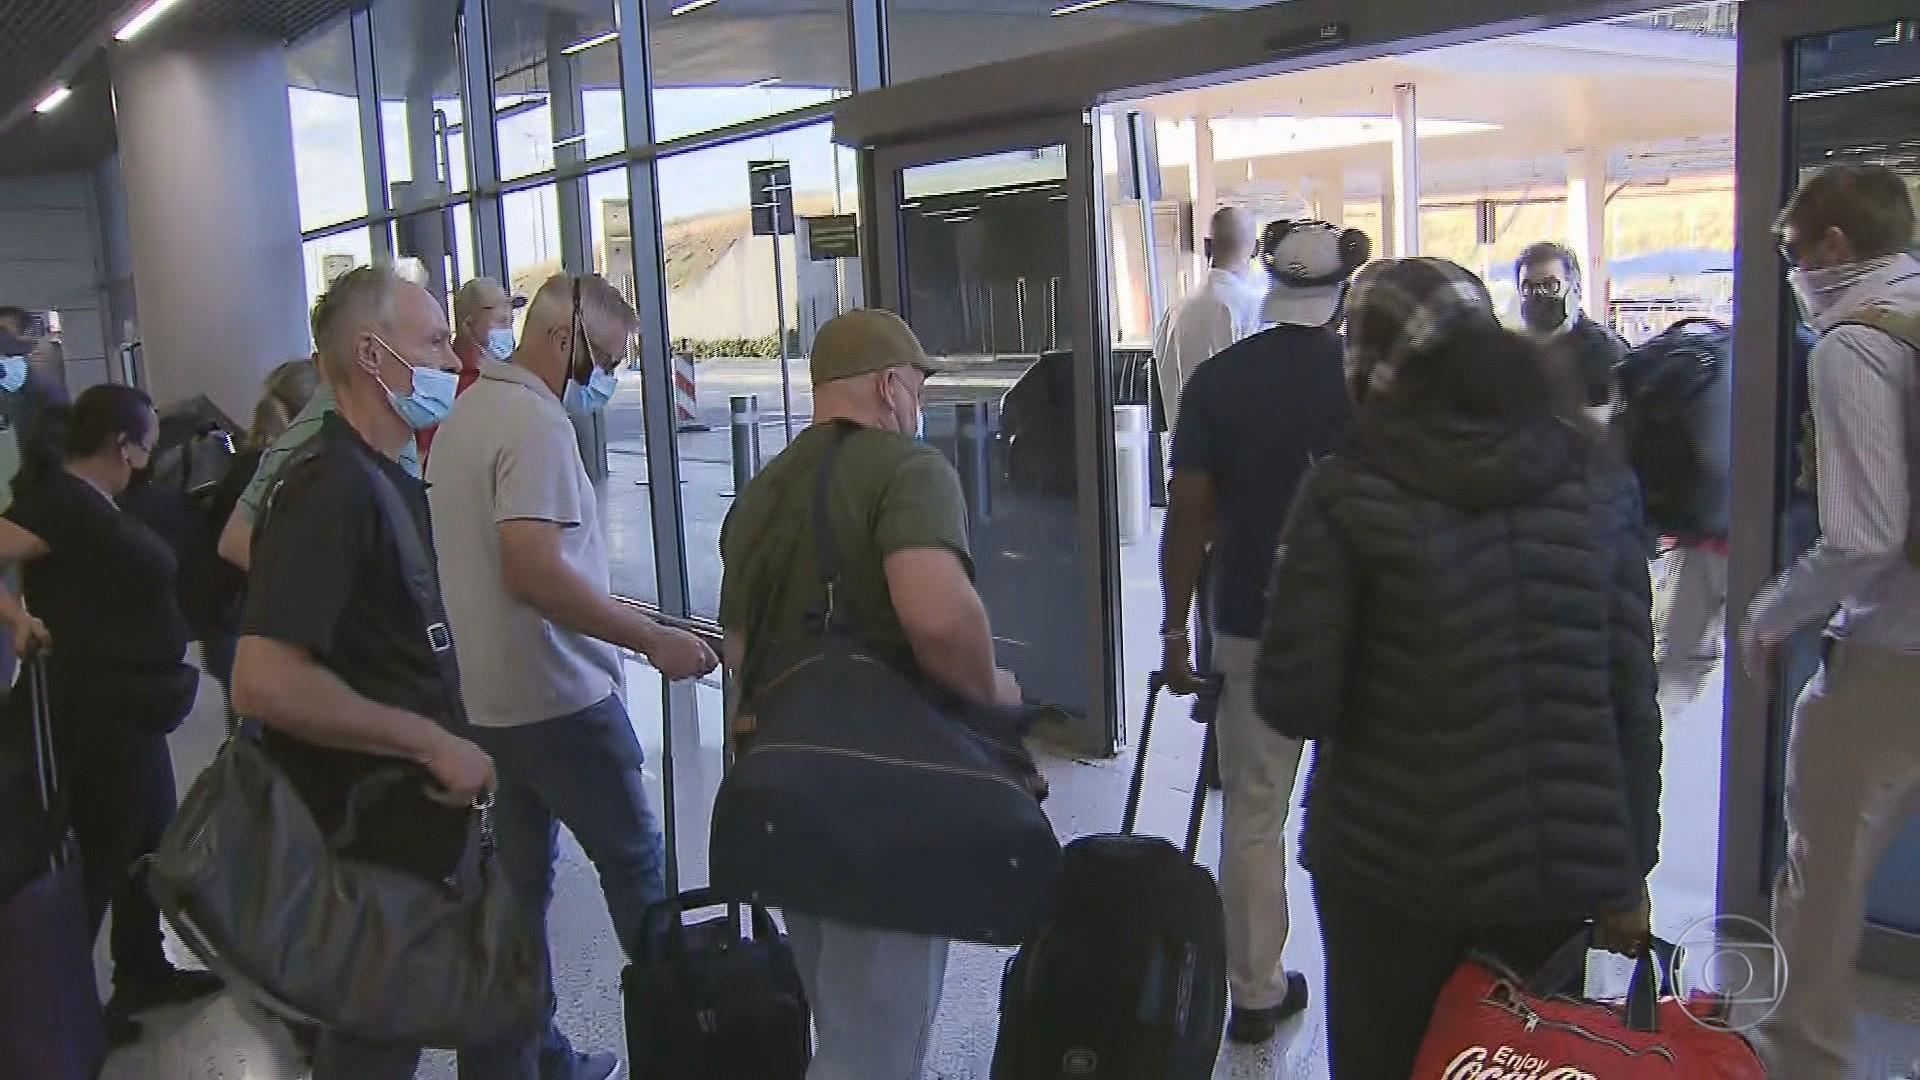 Voo com quase 100 deportados dos EUA chega a Minas Gerais